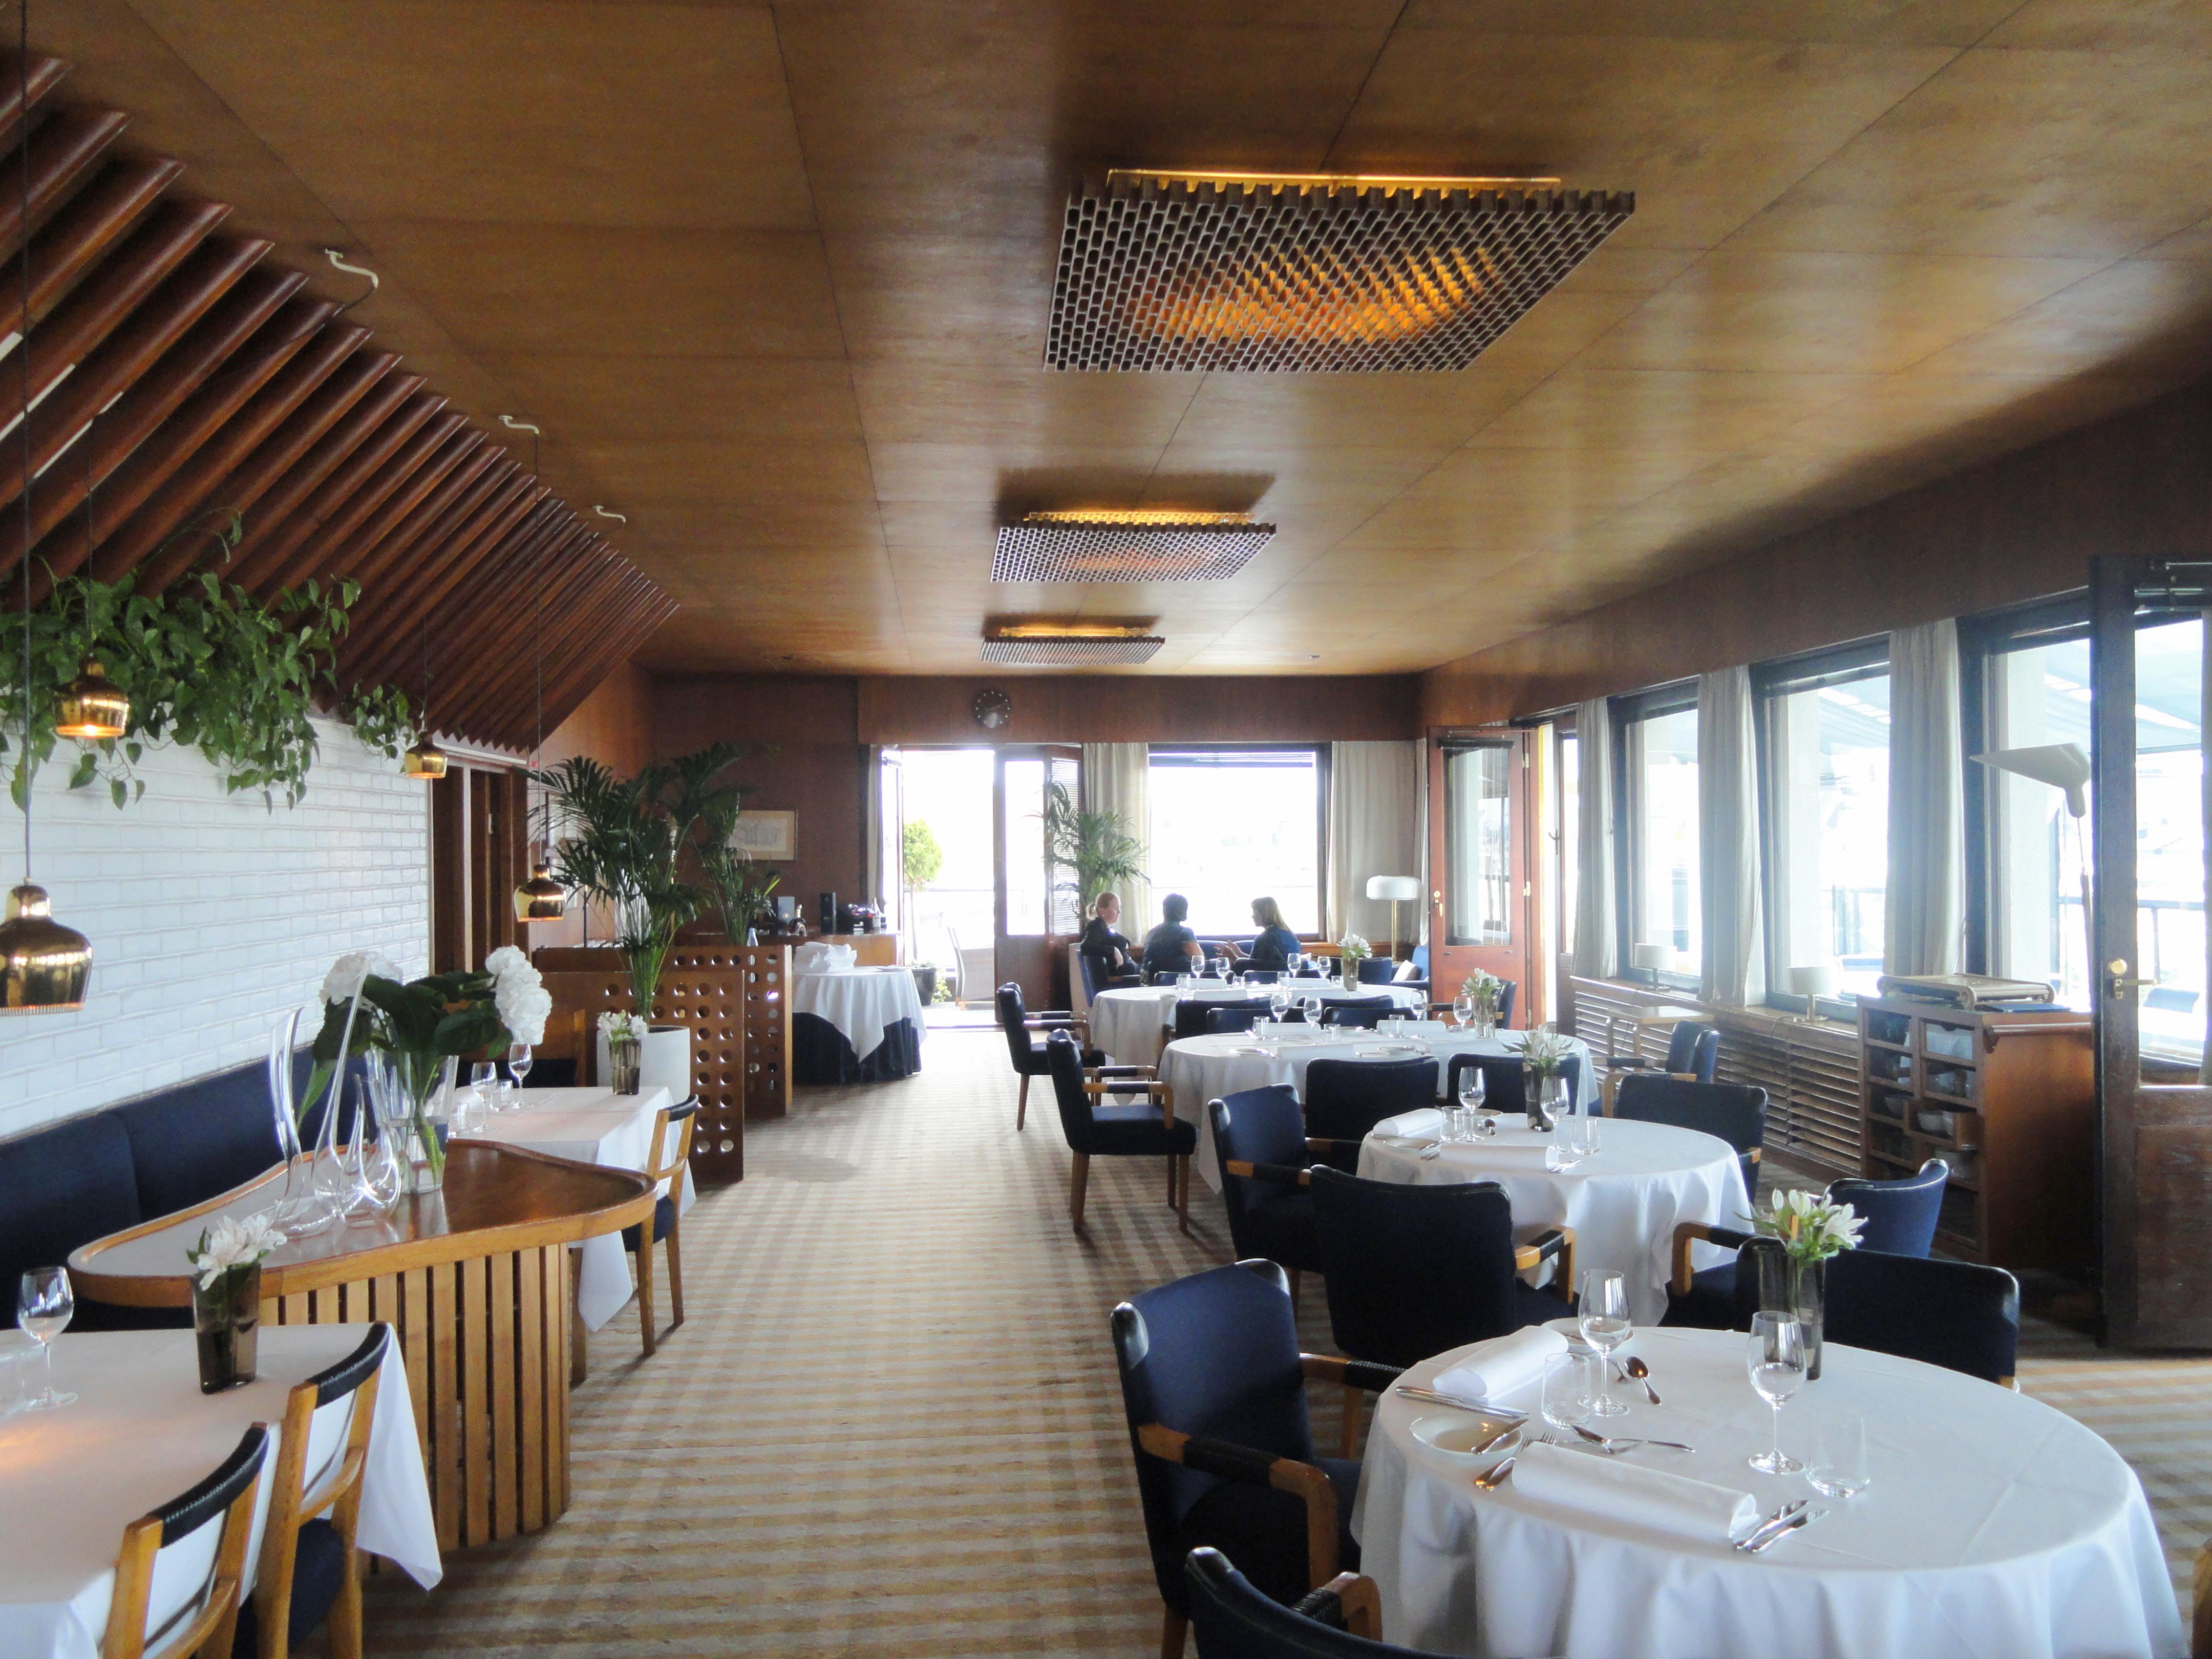 Hotel Restaurant La Claire For Ef Bf Bdt Morhange